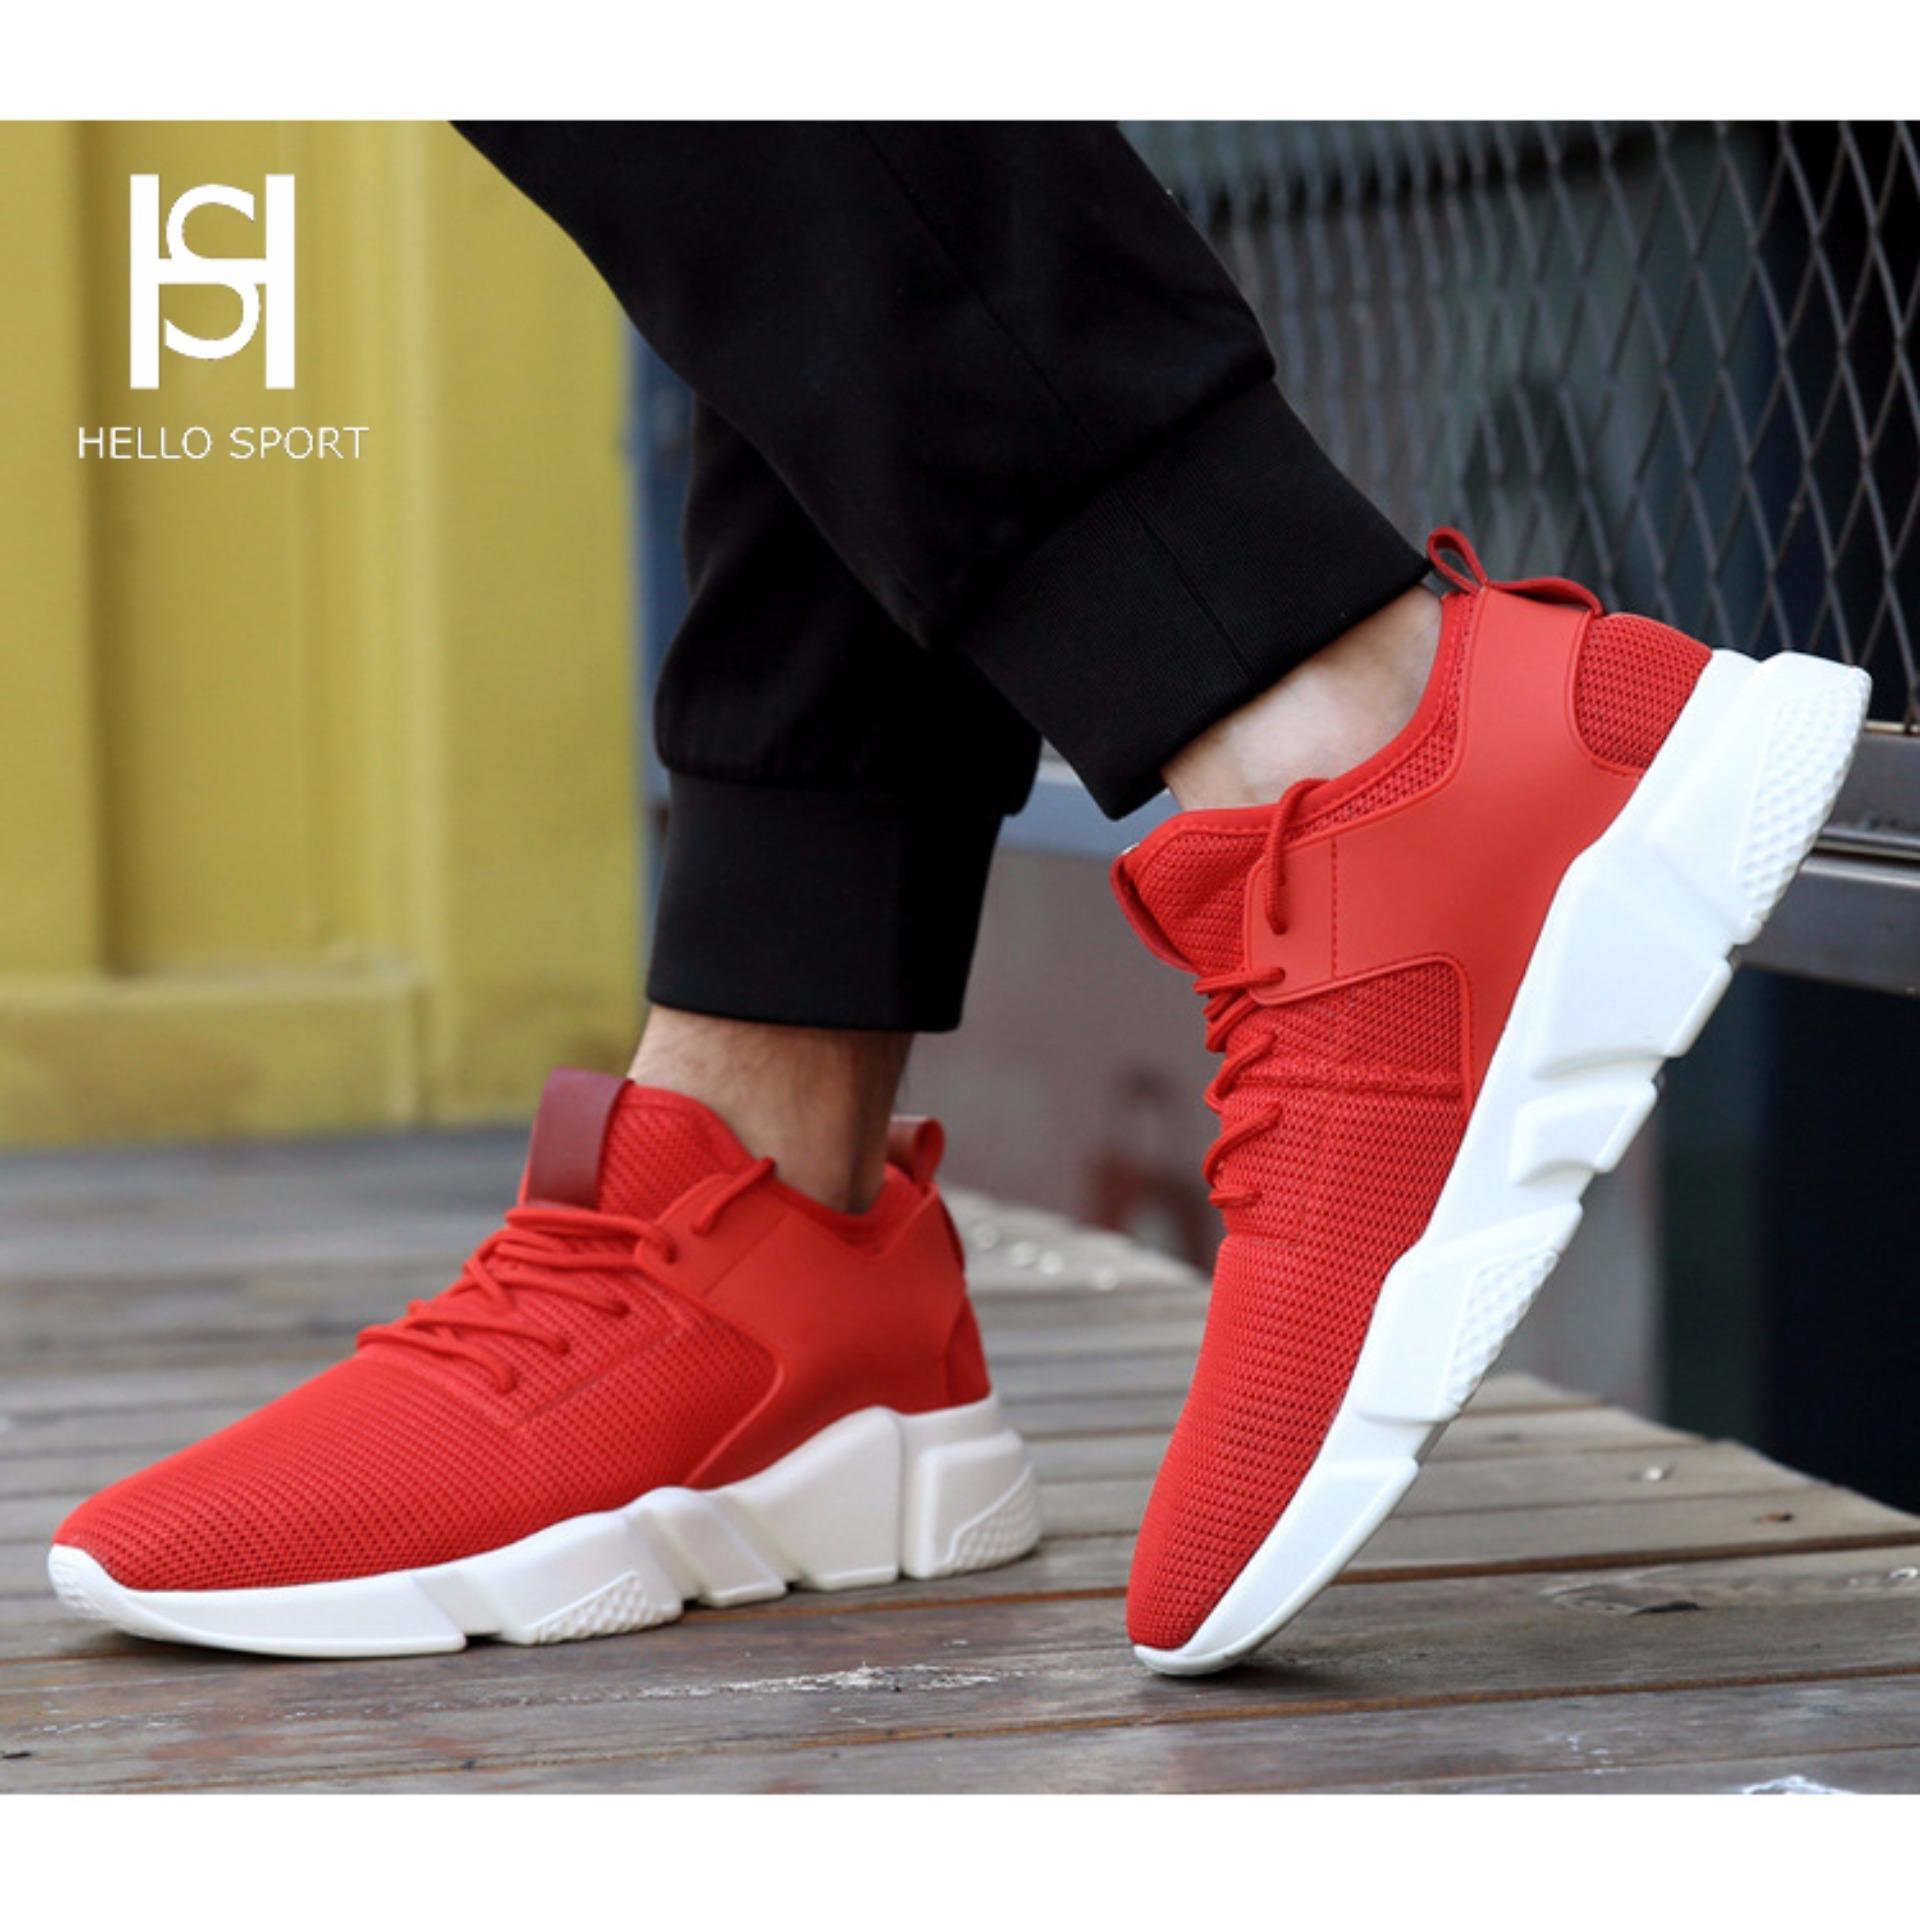 Giày Thể Thao Sneaker HS 01 Đỏ